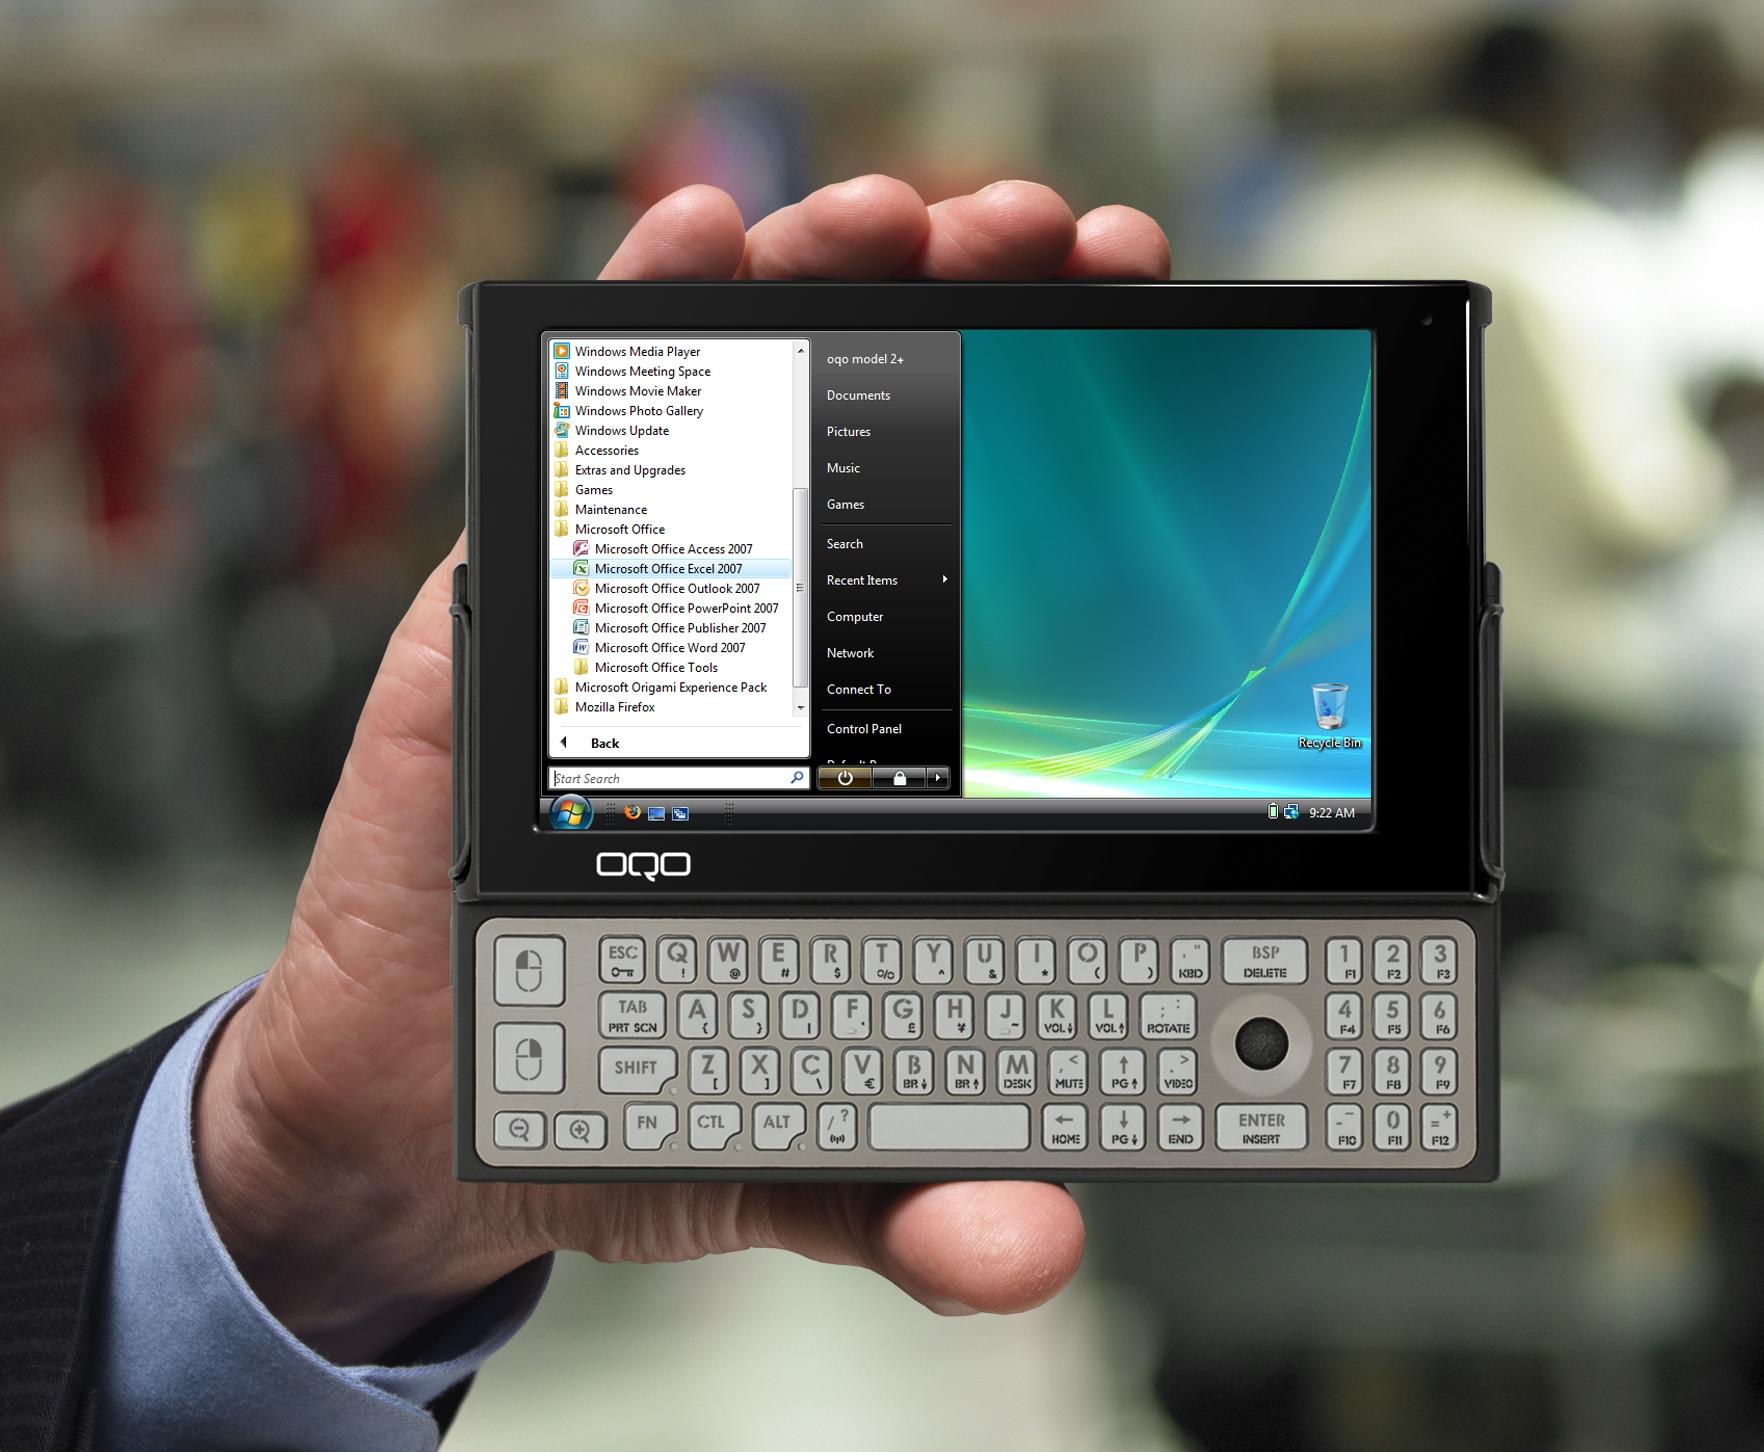 OQO Model 2 Mobile PC